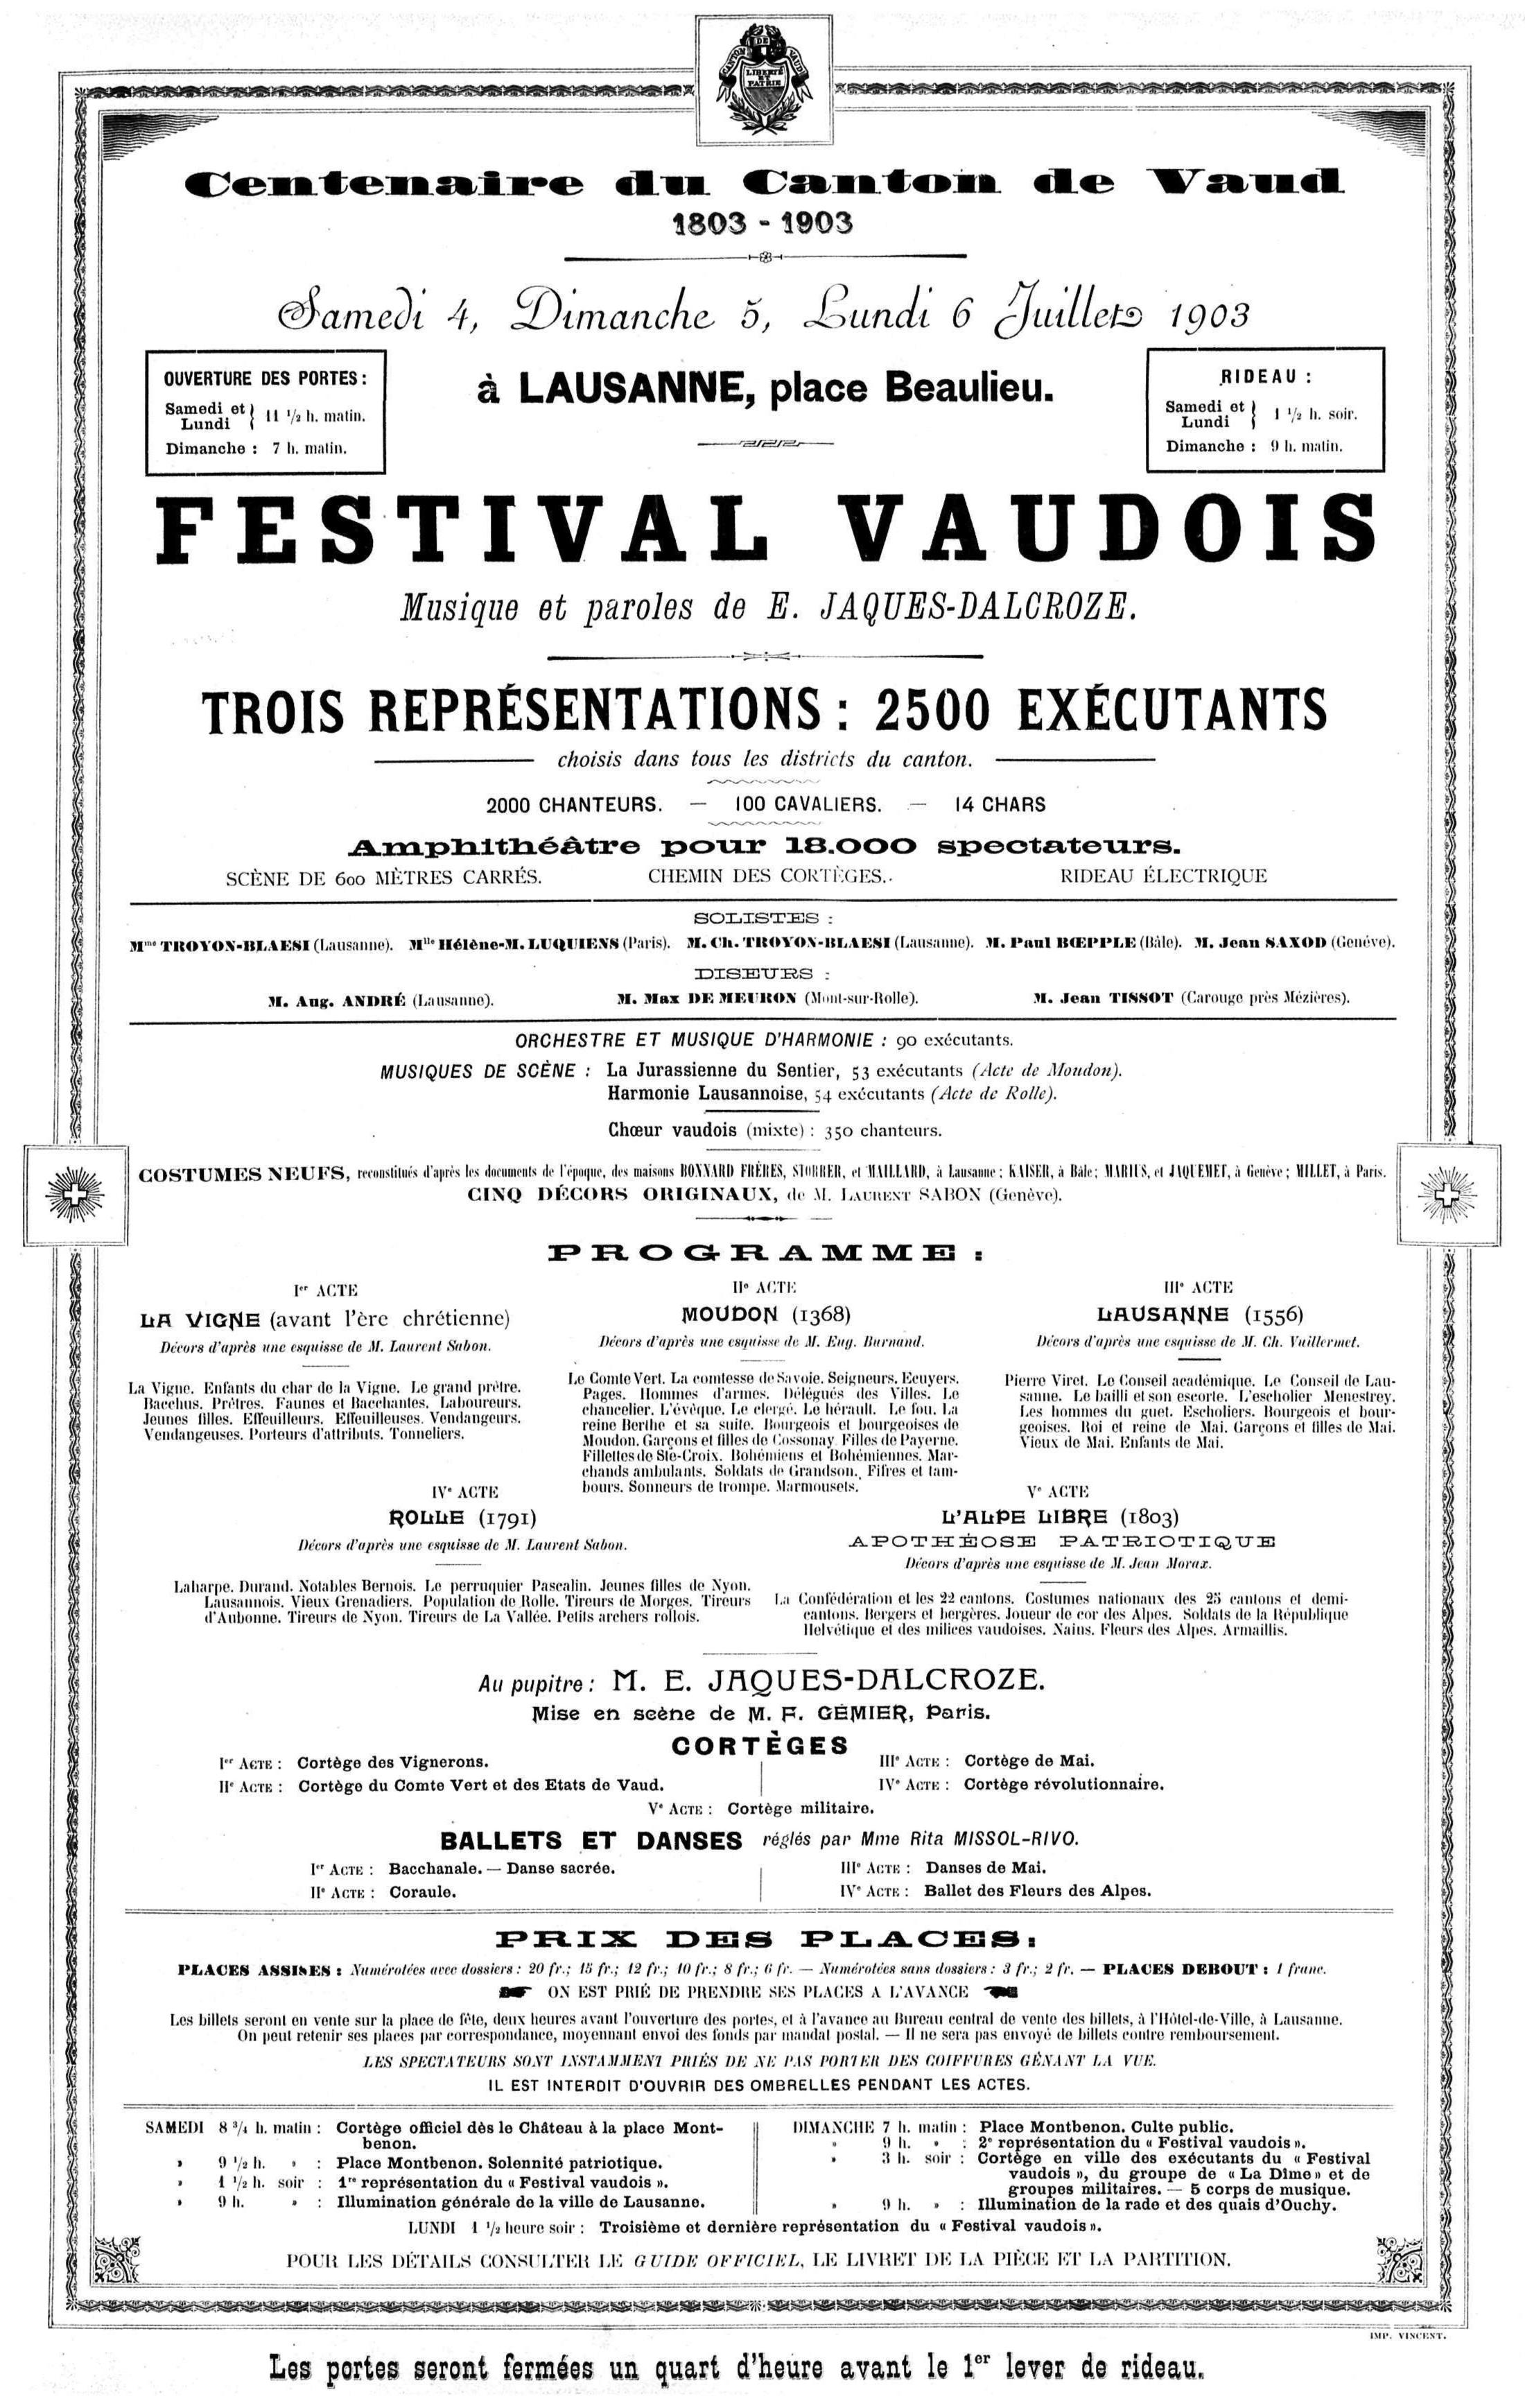 cité de la Feuille d'Avis de Lausanne du 1er juillet 1903, No 152, page 17